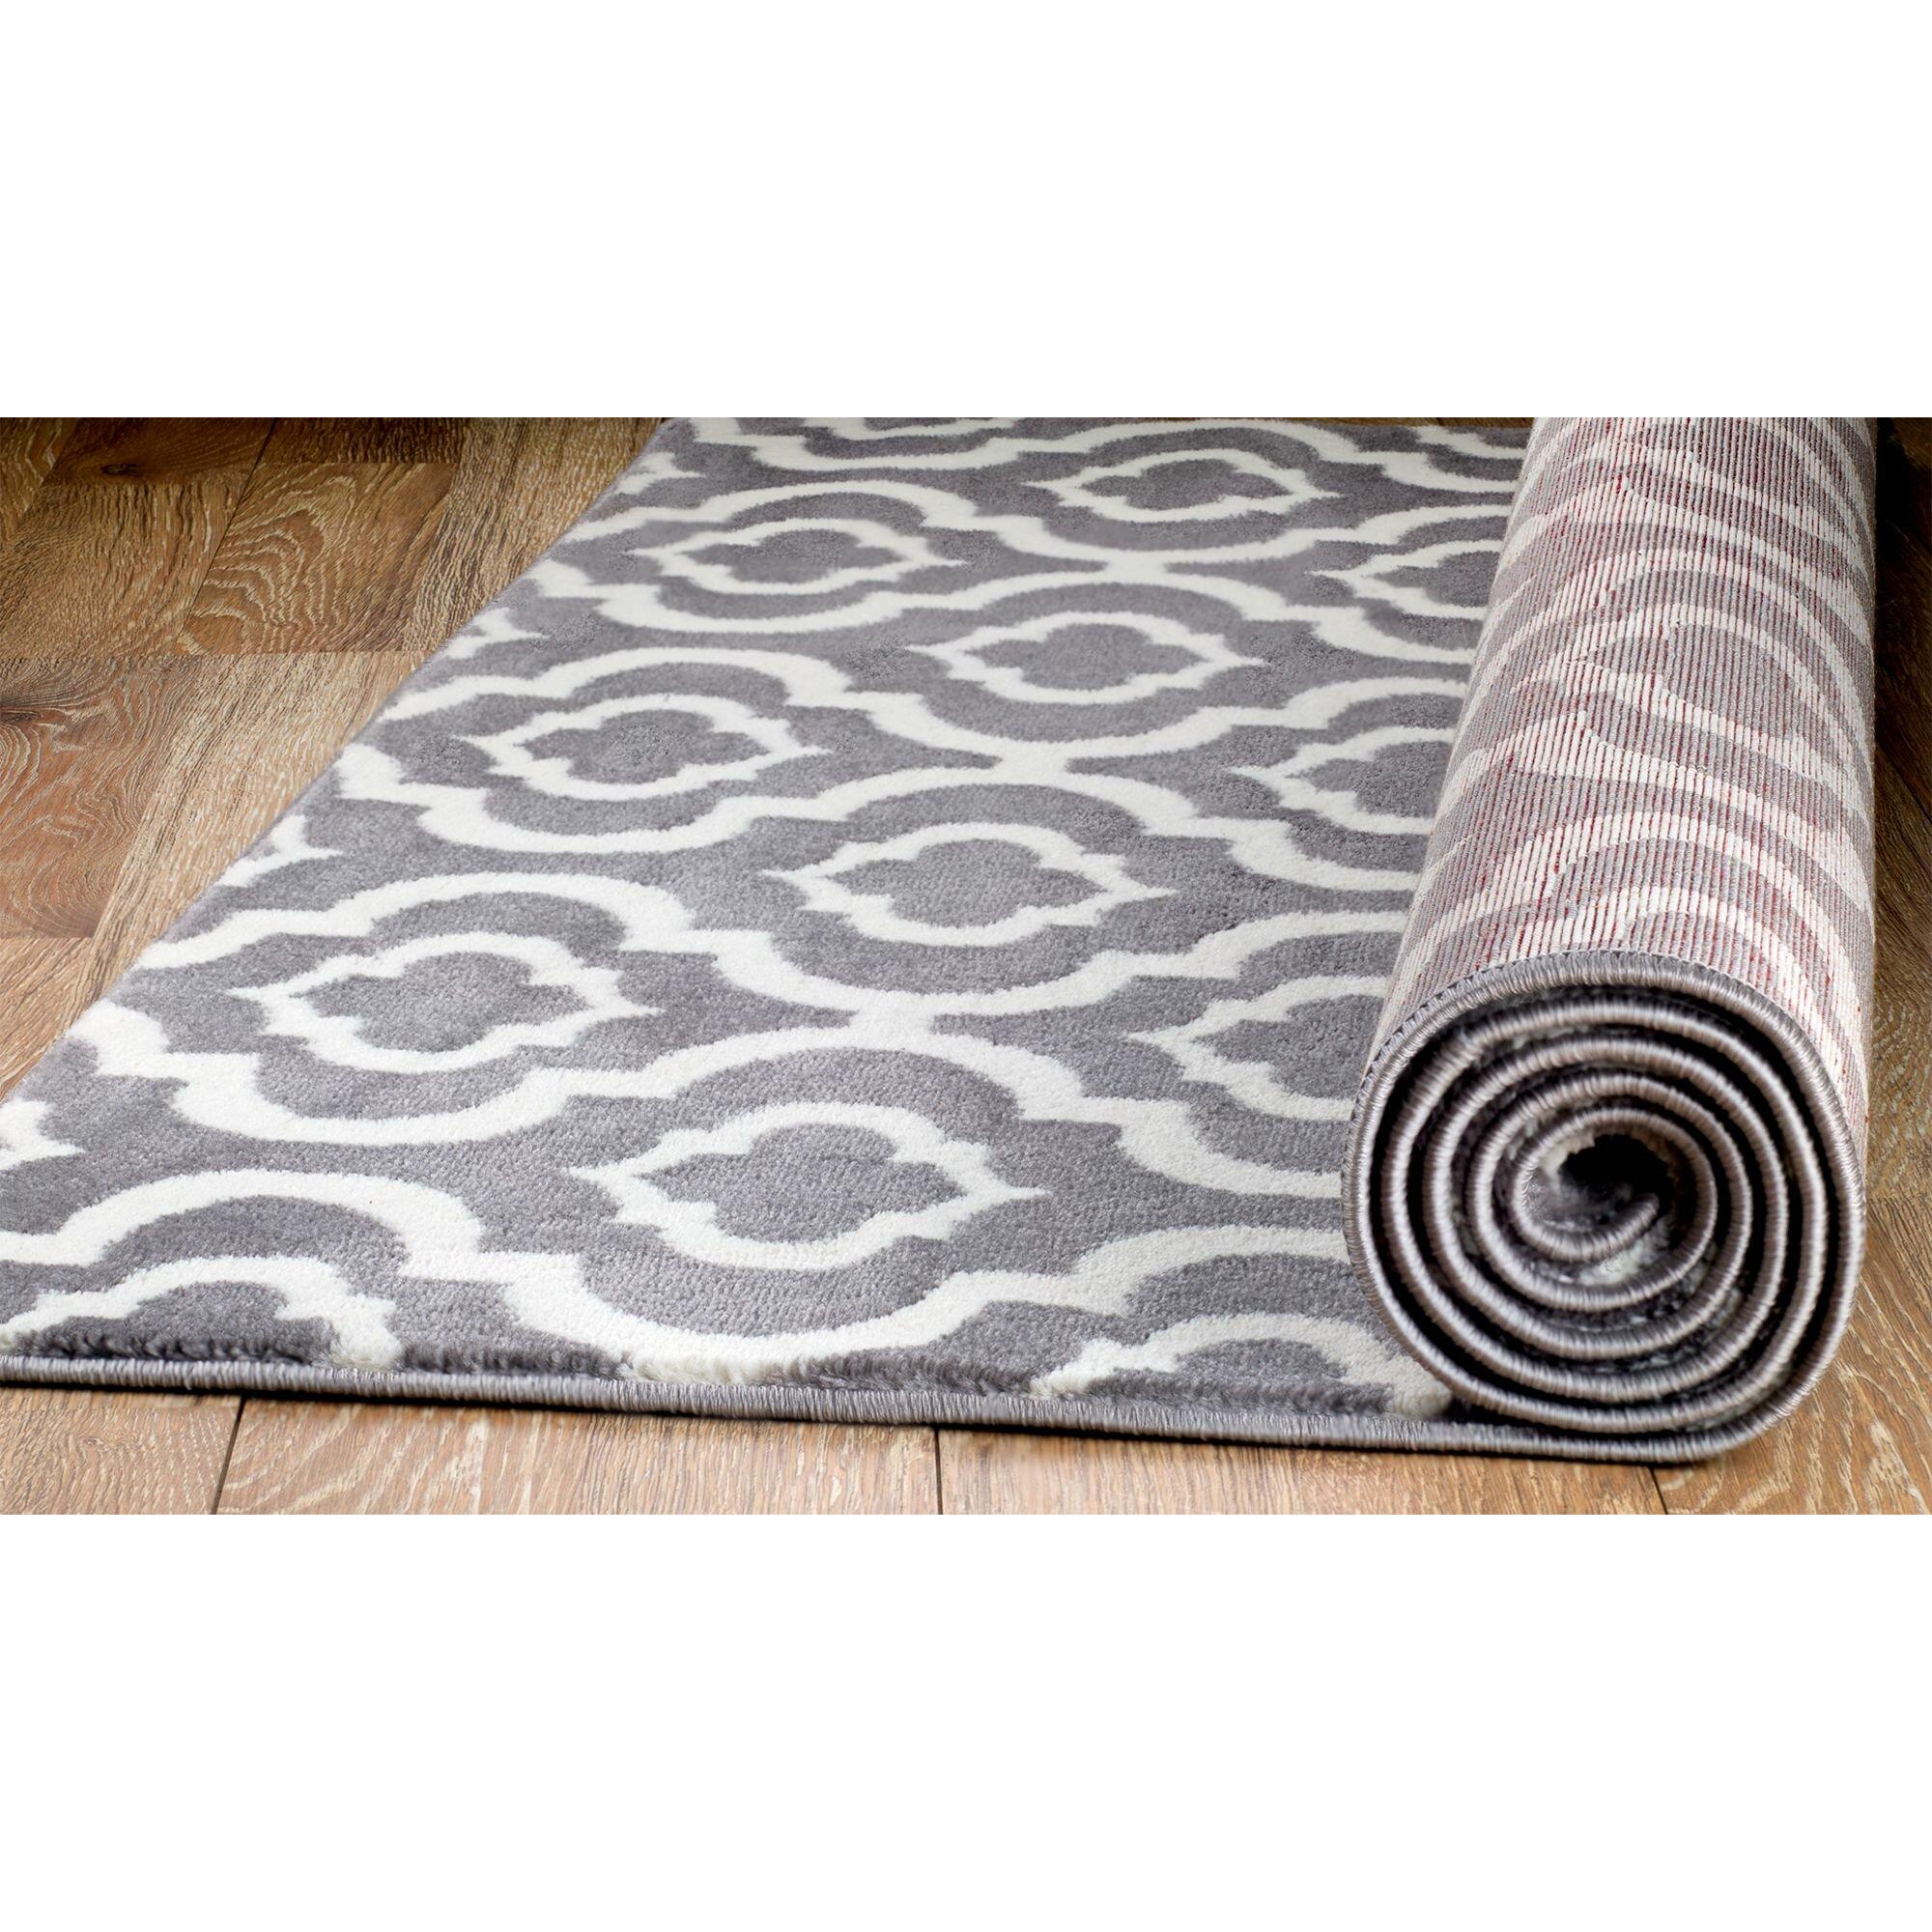 rug and decor inc summit grey area rug